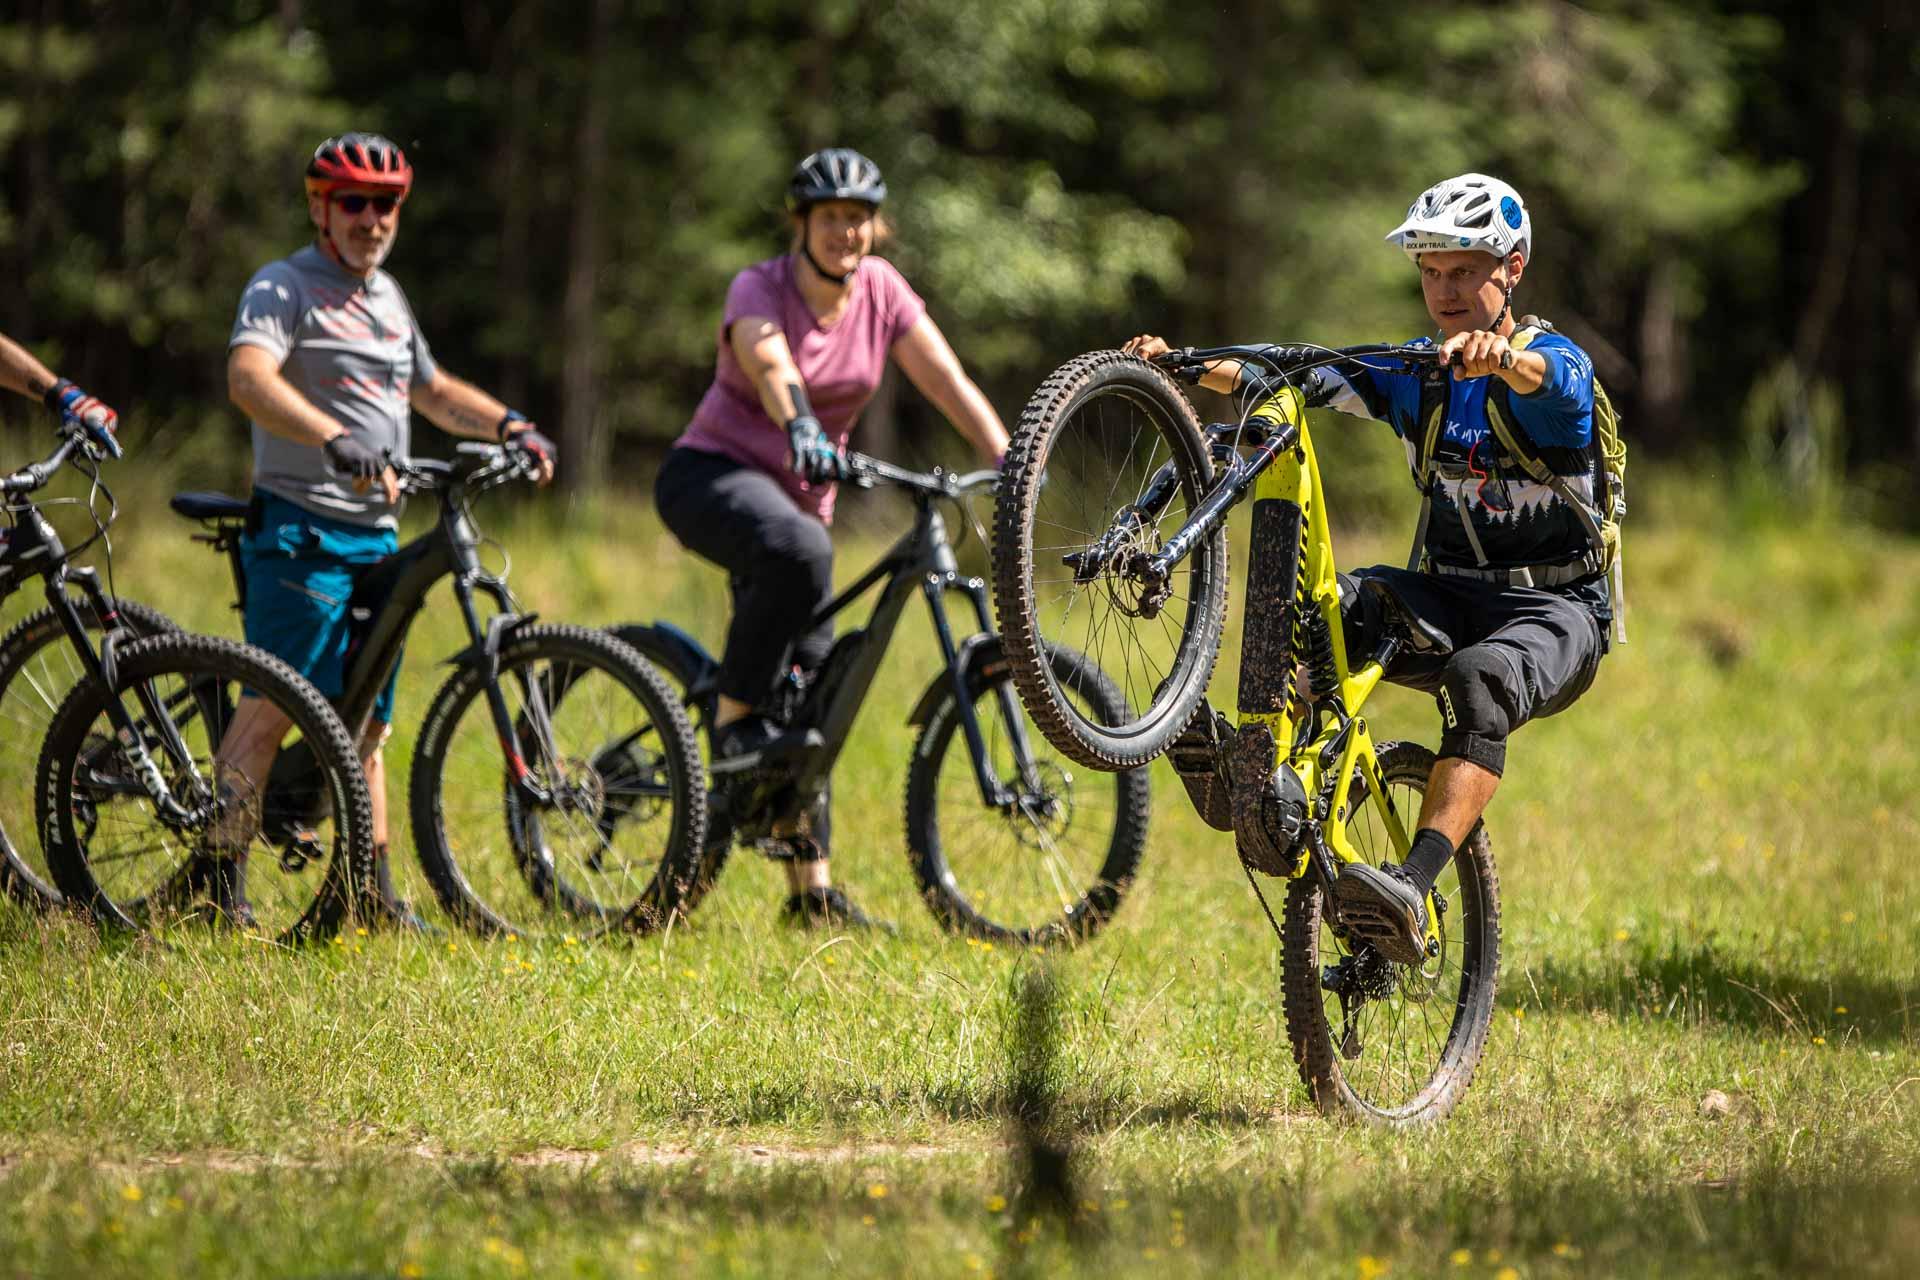 eMTB Fahrtechnik Kurs Fortgeschrittene in Bad Orb |Spessart - Mountainbike Fortgeschritten - Rock my Trail Bikeschule Bad Orb - 5